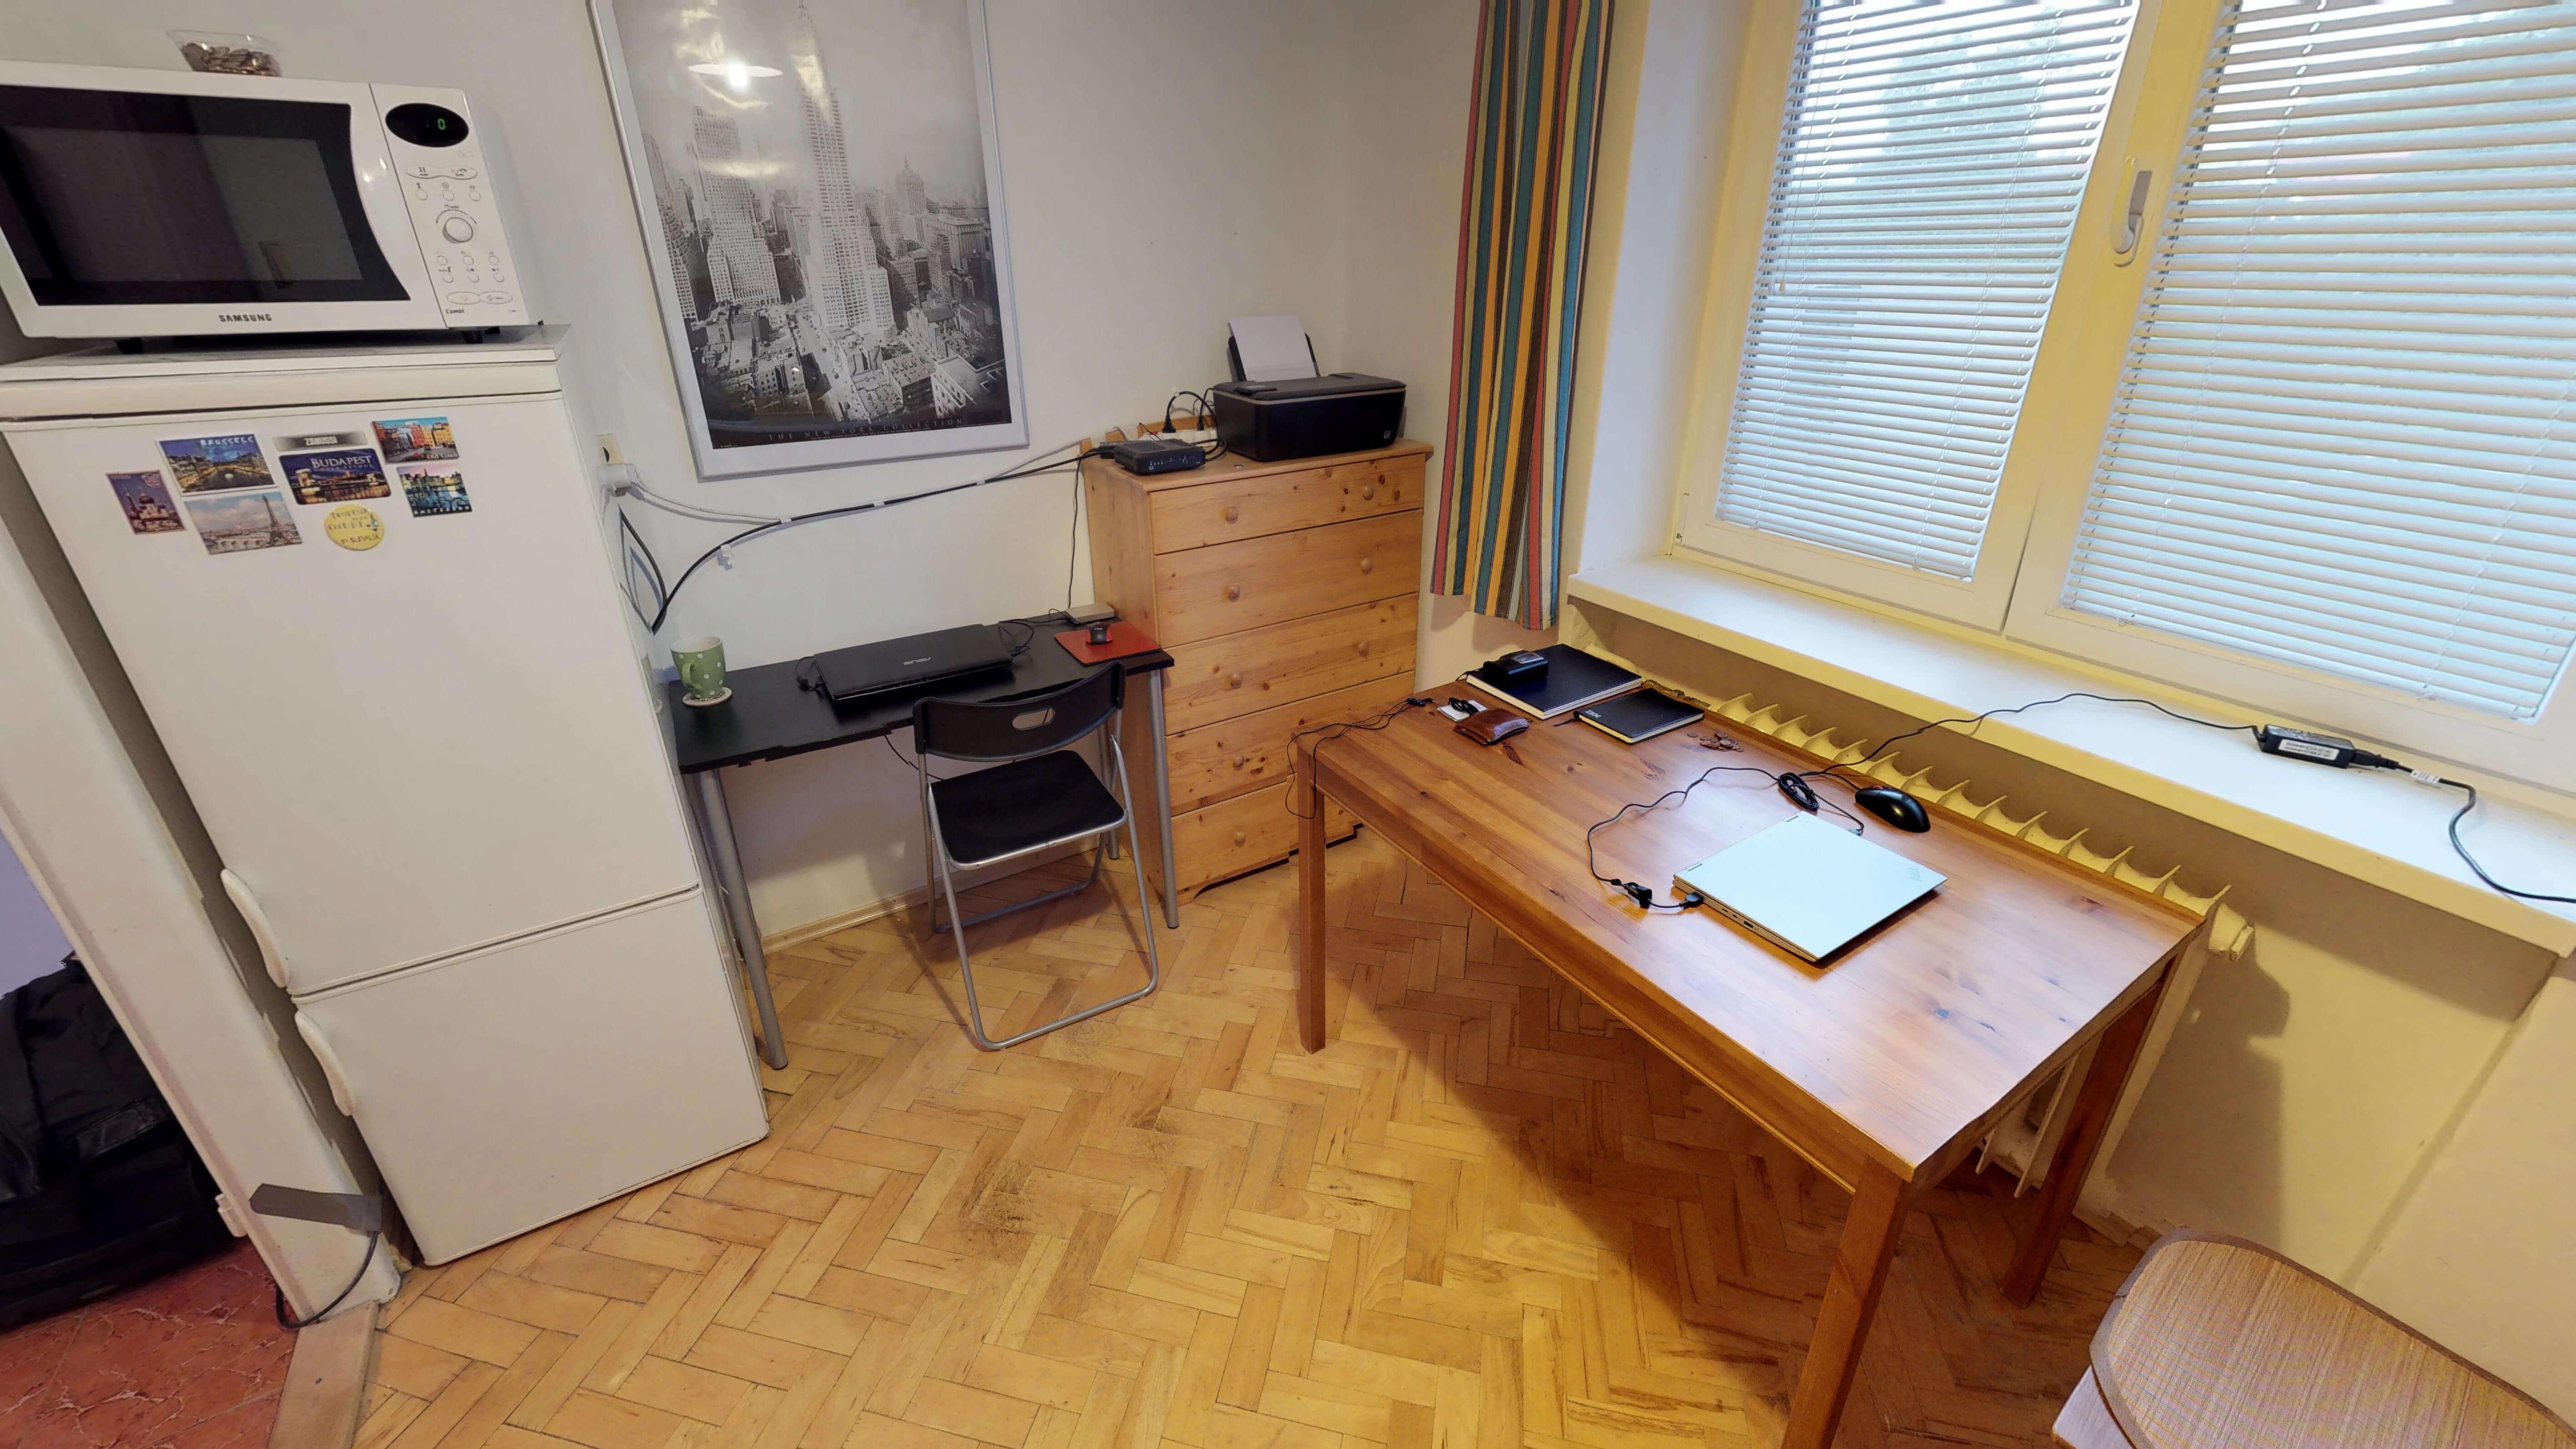 Predané: Zrekonštruovaný a kompletne zariadený byt na Pluhovej ulici-1